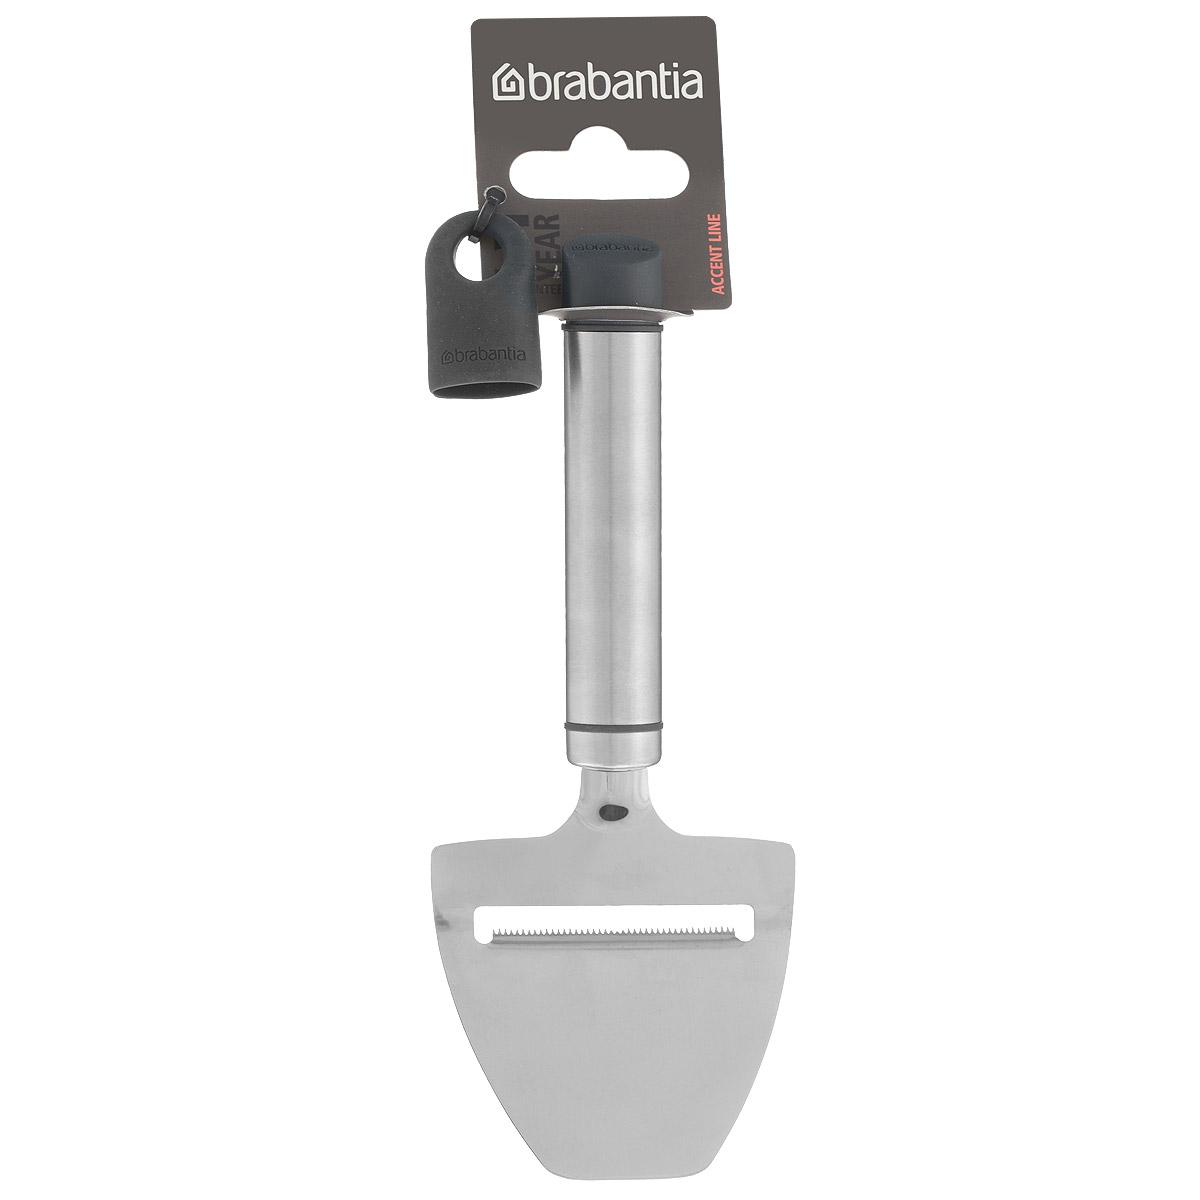 Нож для сыра Brabantia Accent, длина 19 см463129Нож для сыра Brabantia Accent, выполненный из высококачественной нержавеющей стали, - идеальный инструмент для легкого и быстрого нарезания всех видов сыров. Благодаря лезвию с микро-зубчиками нож удобен в использовании и подходит для нарезки мягких и твердых сортов сыра. Микро-зубчики создают рифленую поверхность сыра при нарезке. Сыр не прилипает к лезвию. Благодаря ультразвуковой полировке лезвие остается острым в течение длительного времени. В комплекте съемный силиконовый колпачок черного цвета для рукоятки. Используя съемные колпачки разных цветов (продаются отдельно), вы можете создавать свой оригинальный стиль. Можно мыть в посудомоечной машине. Длина ножа: 19 см.